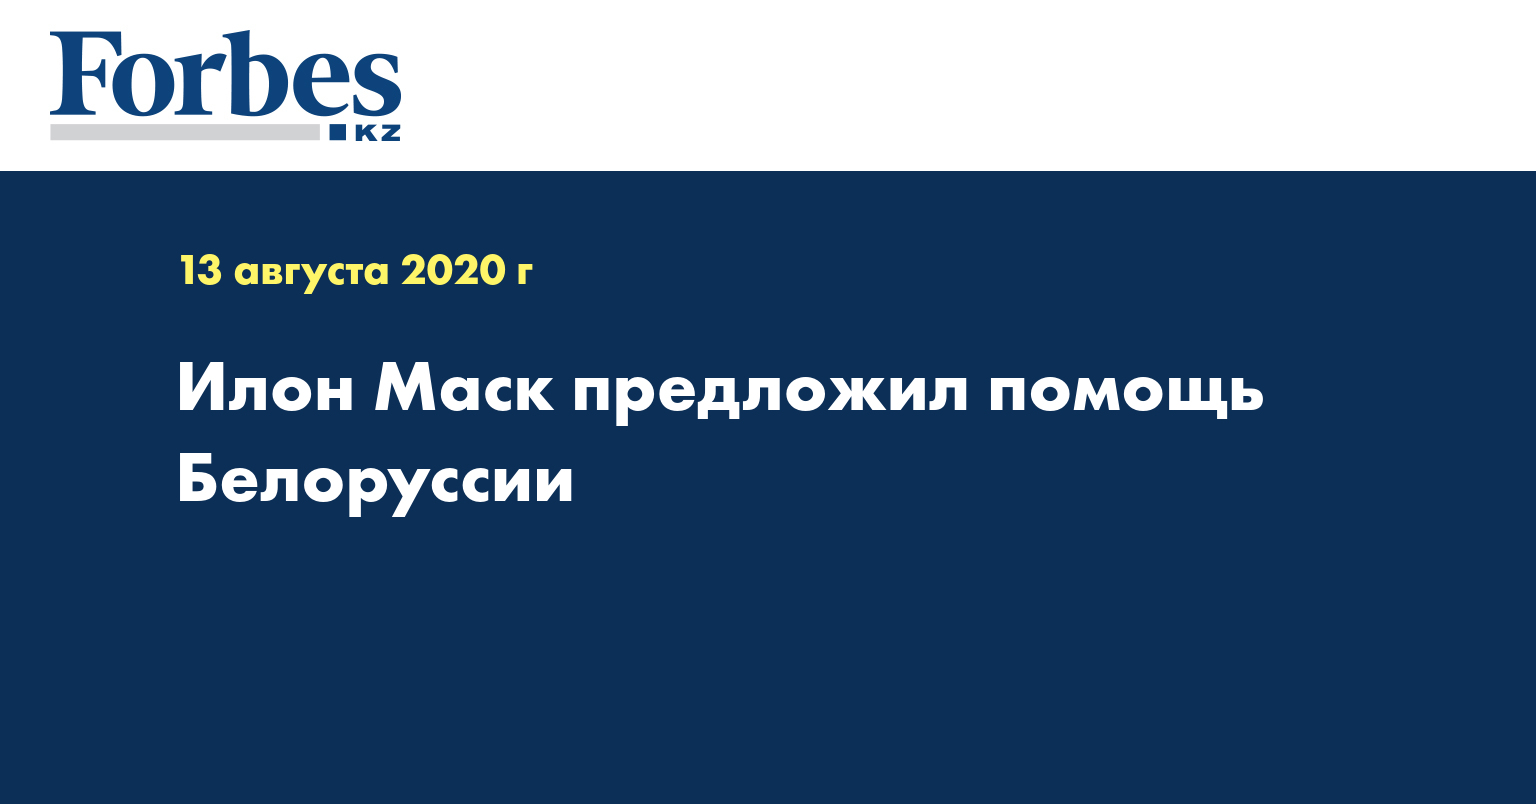 Илон Маск предложил помощь Белоруссии